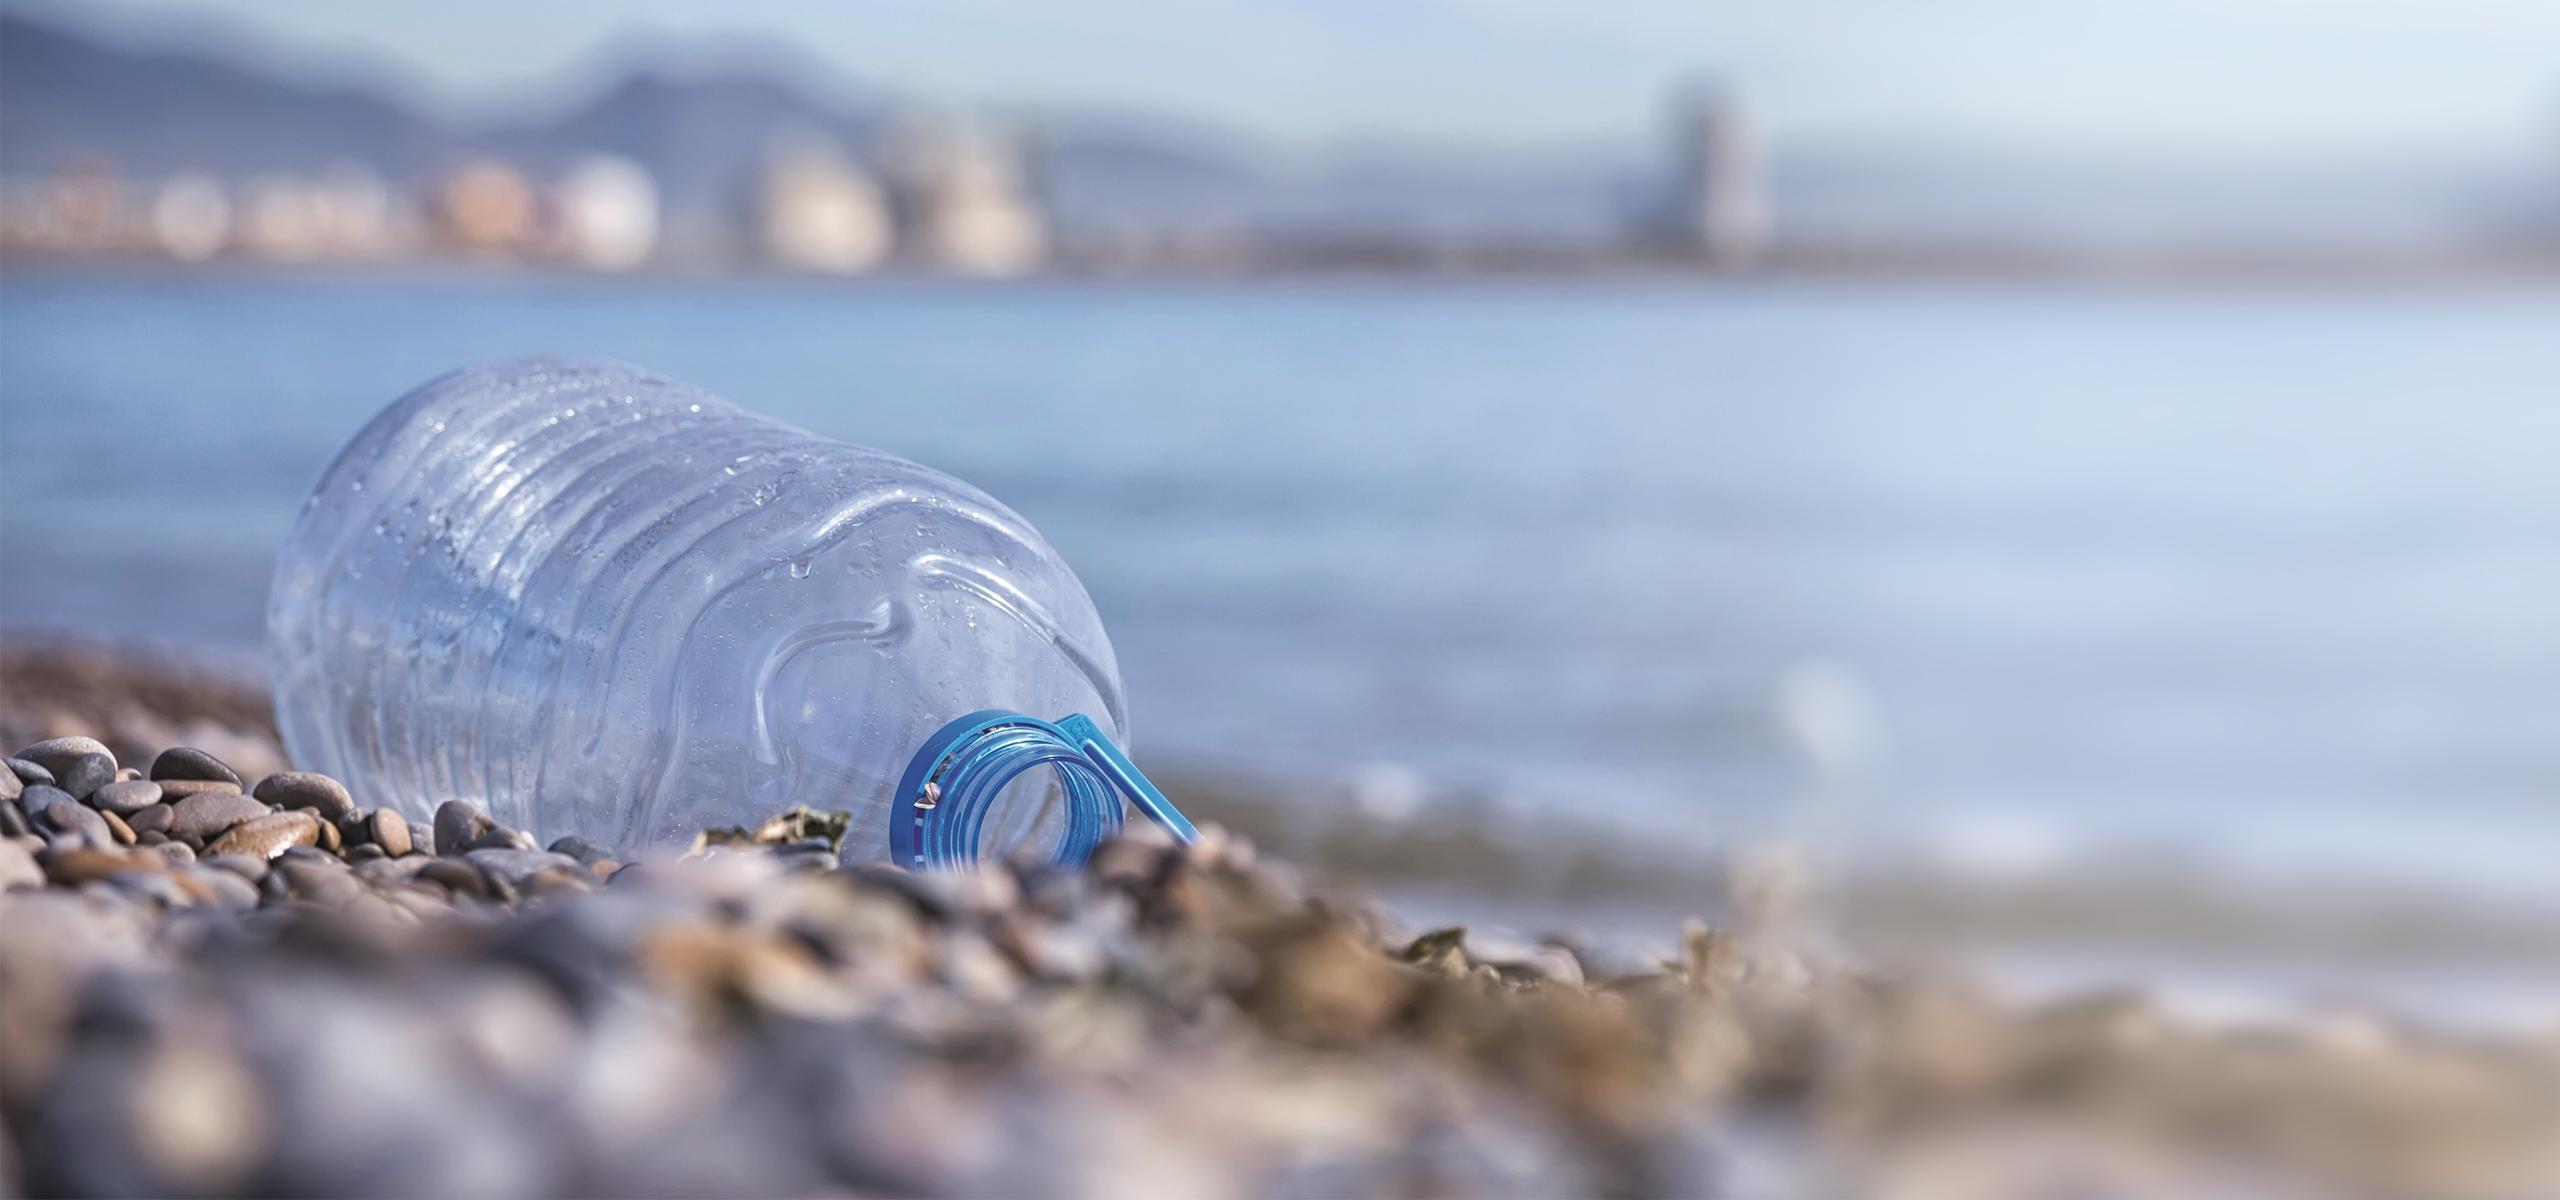 BRITA Abfallvermeidung Plastikflasche Strand